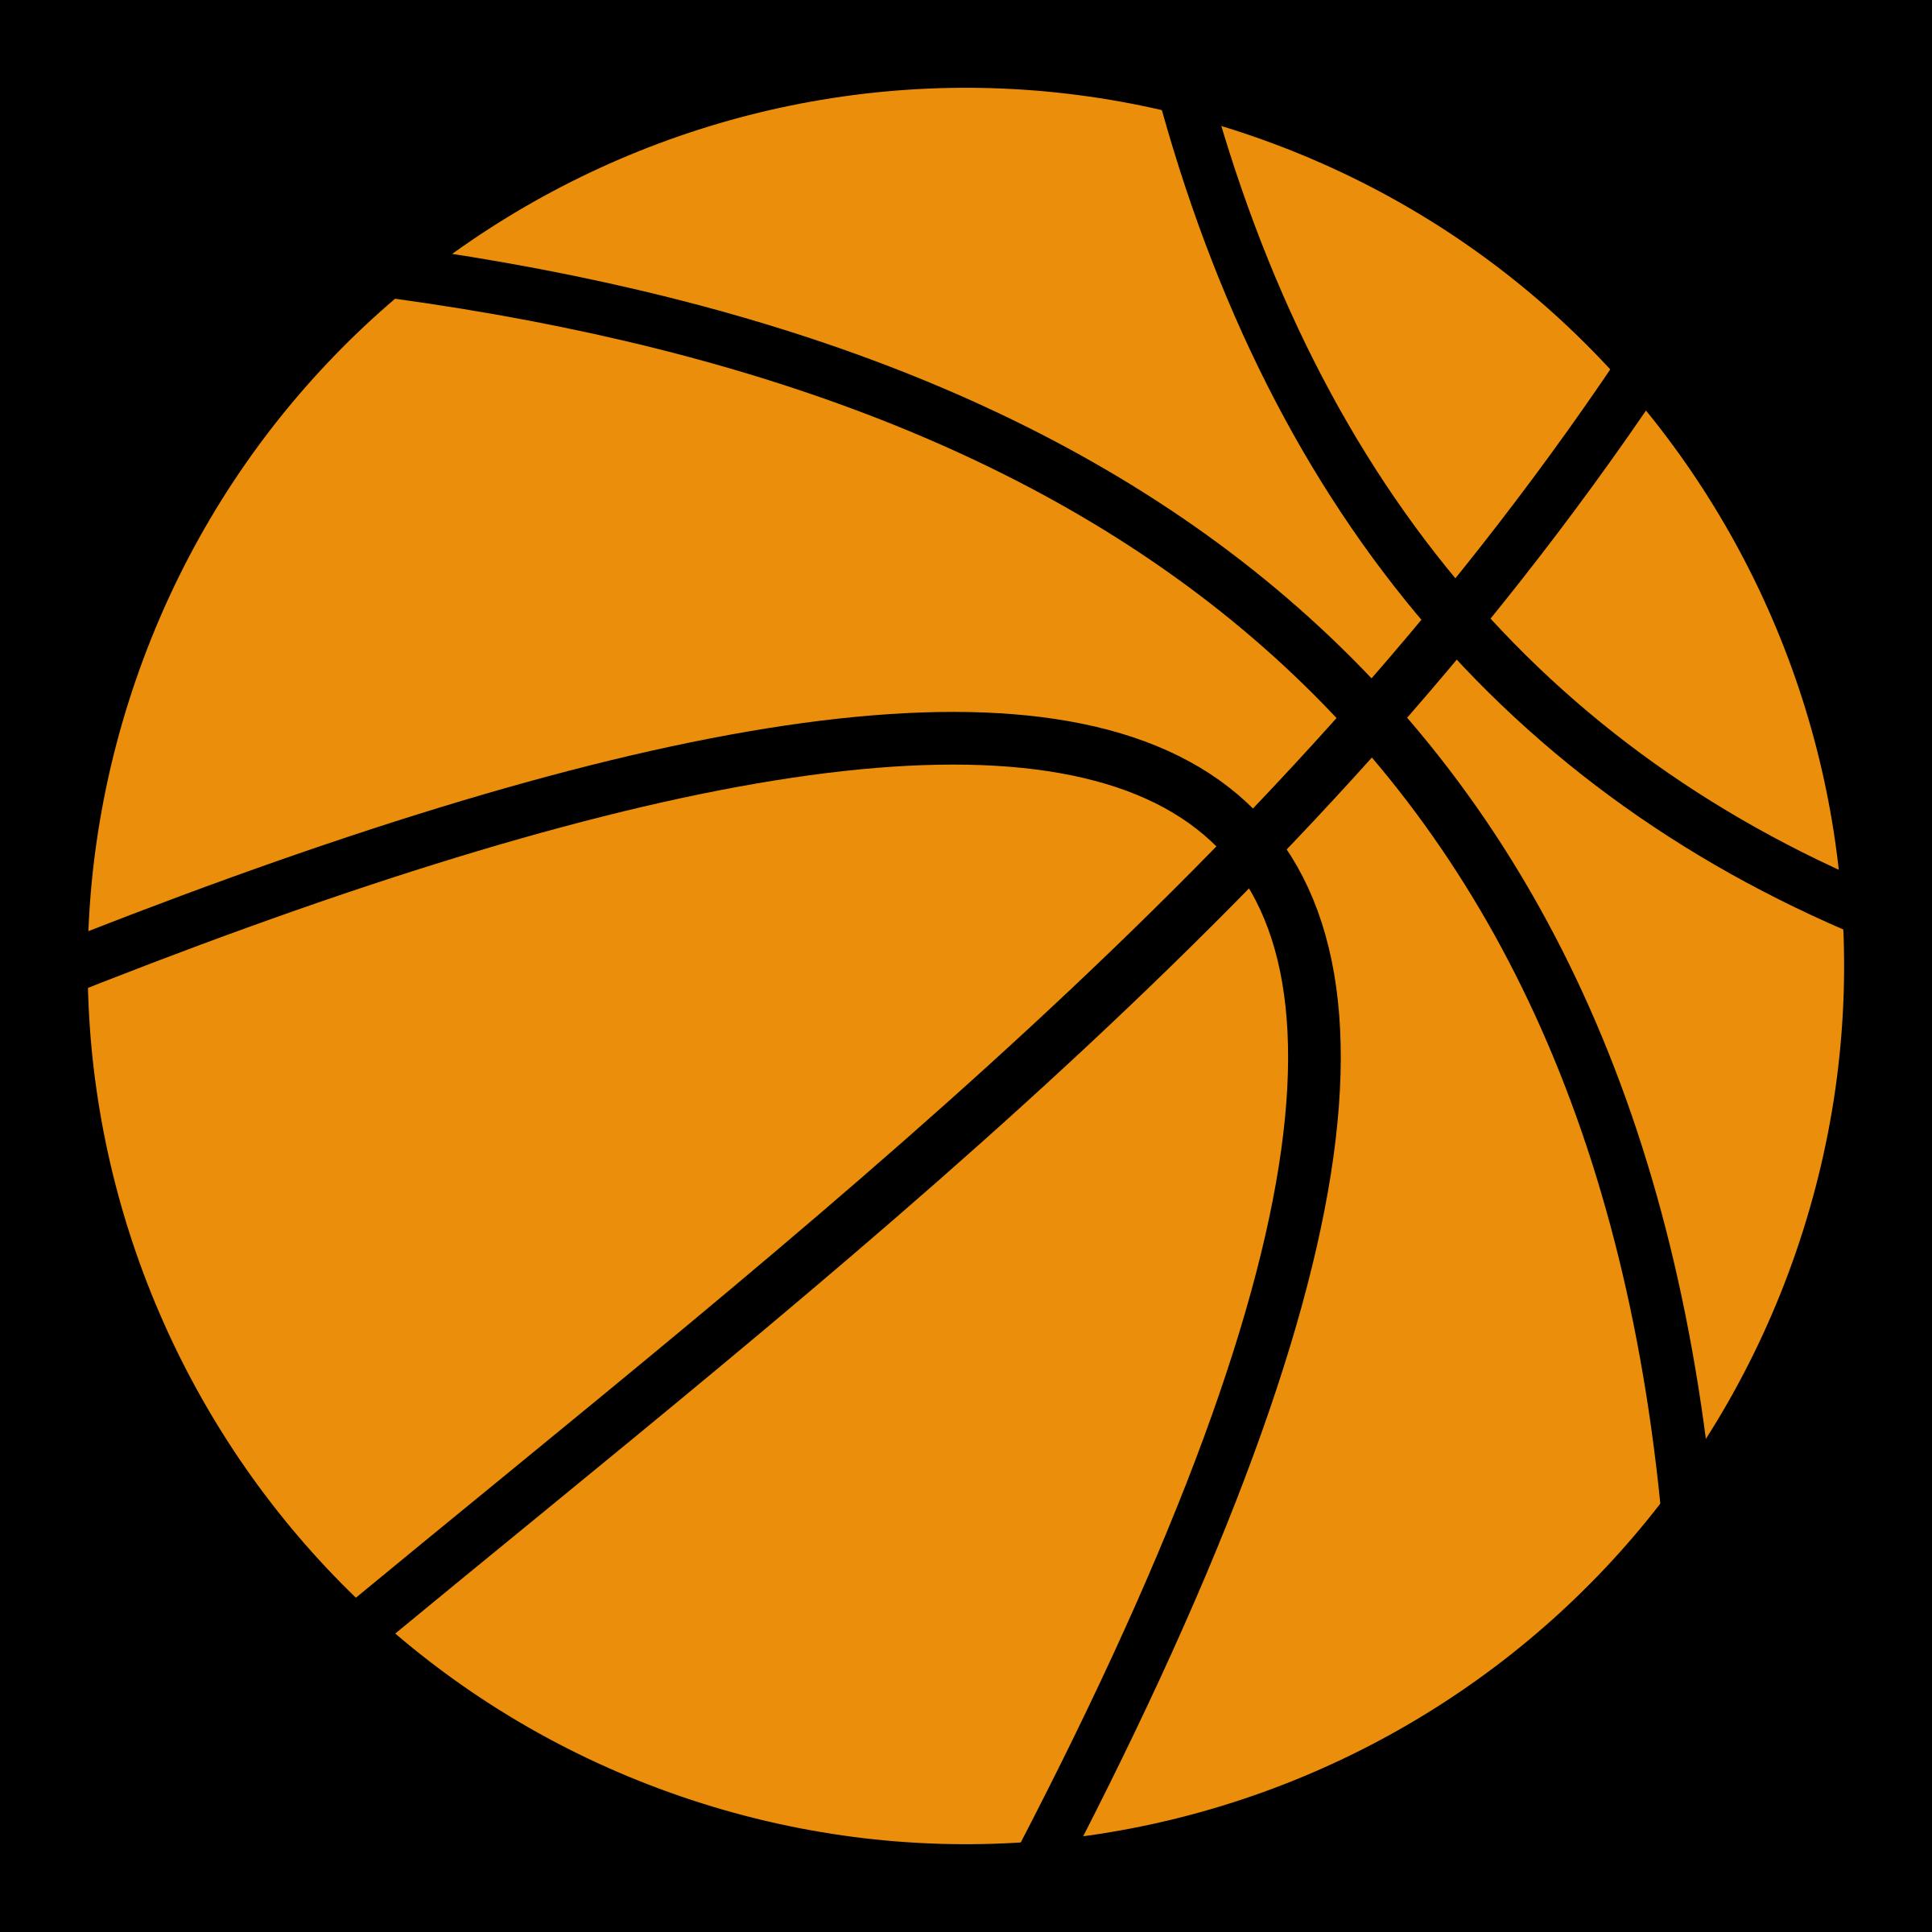 Clip Art Basketball Art Clipartist.